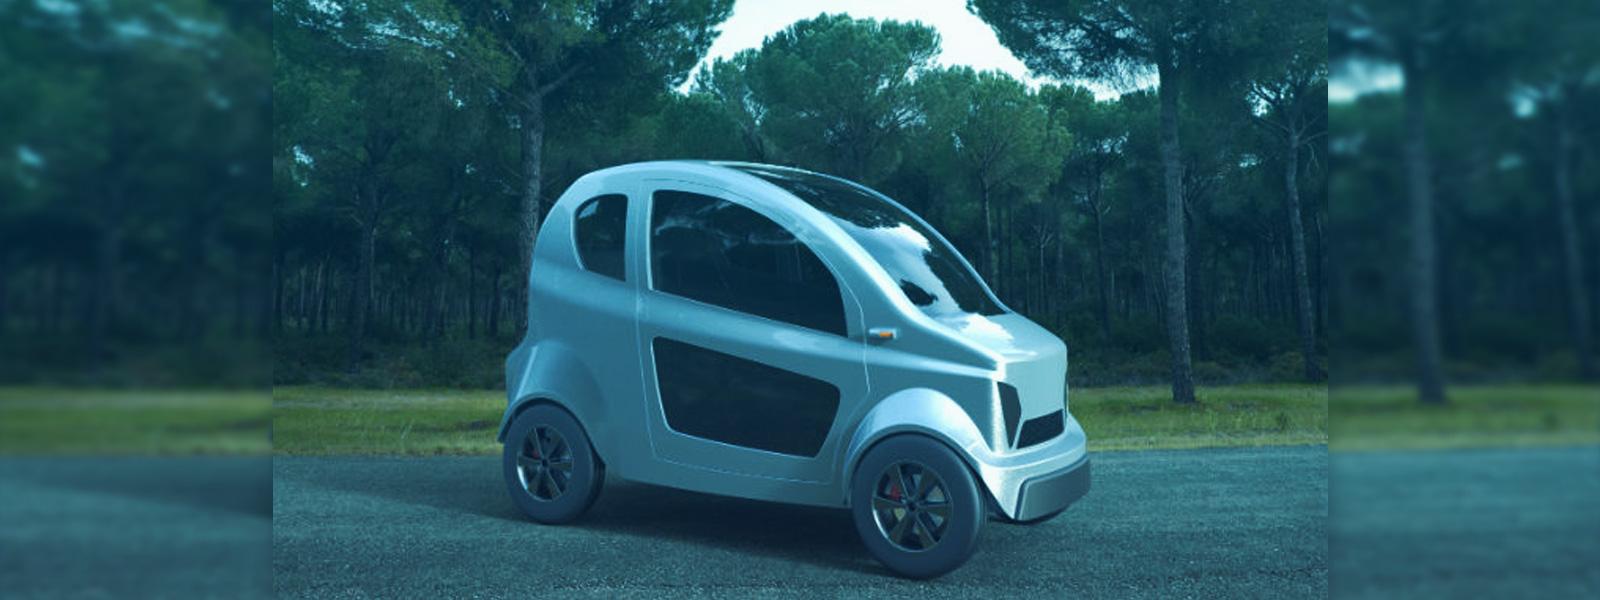 carro-500-kg-criado-usp-blog-ceabs